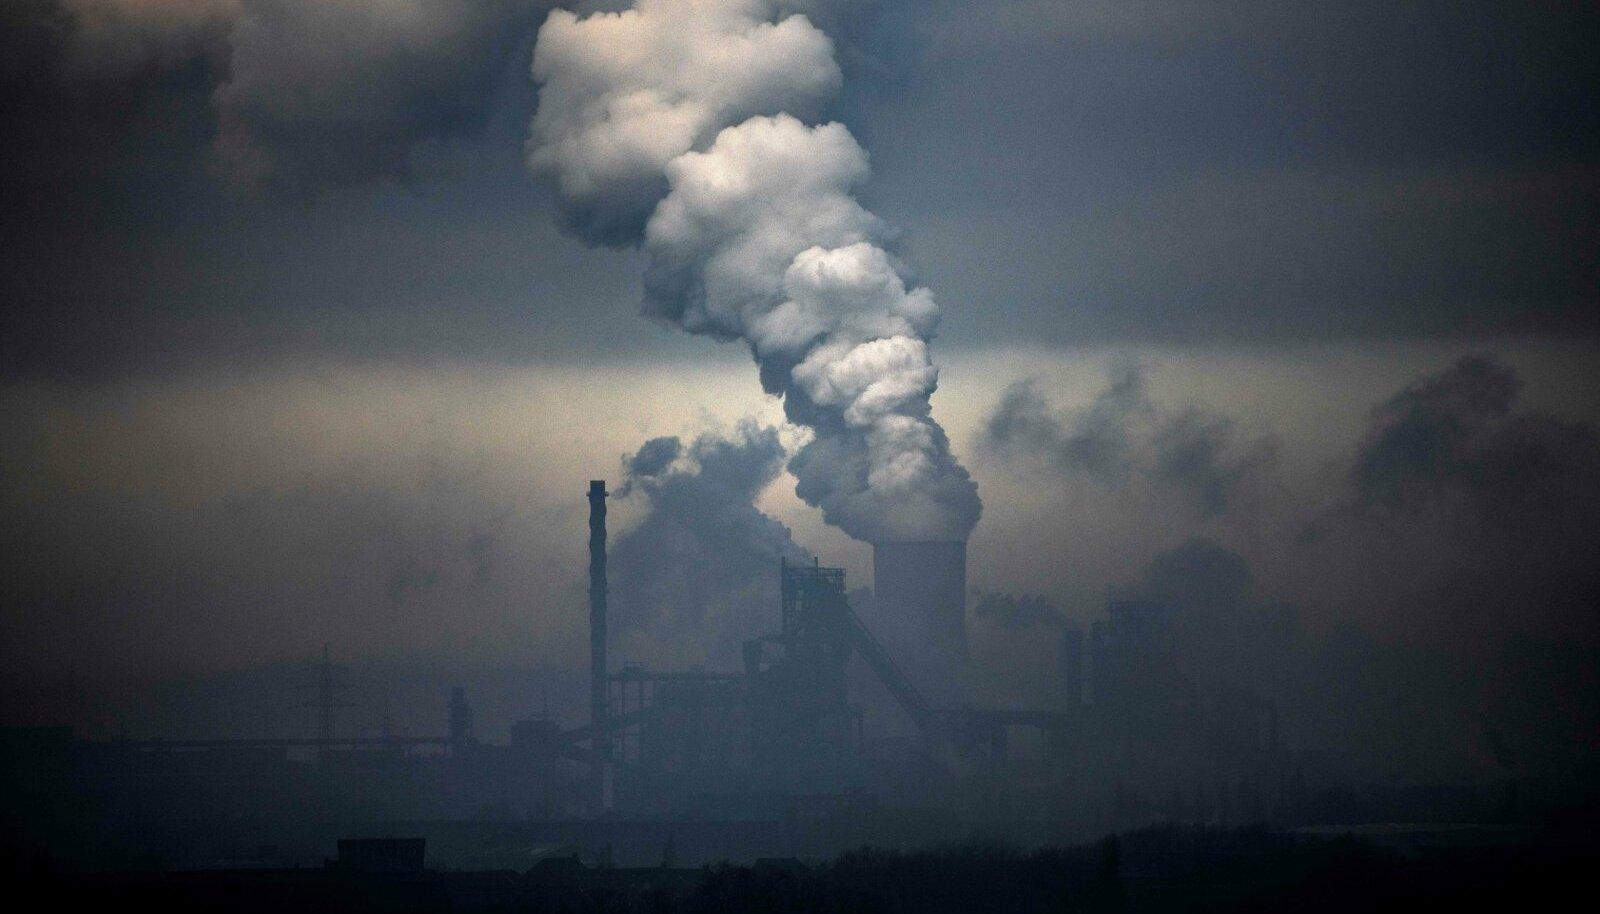 Koroonapandeemiast tingitud ajutine emissiooni vähenemine ei aita kliimamuutust peatada, kui ei loobuta lõplikult fossiilkütustest.